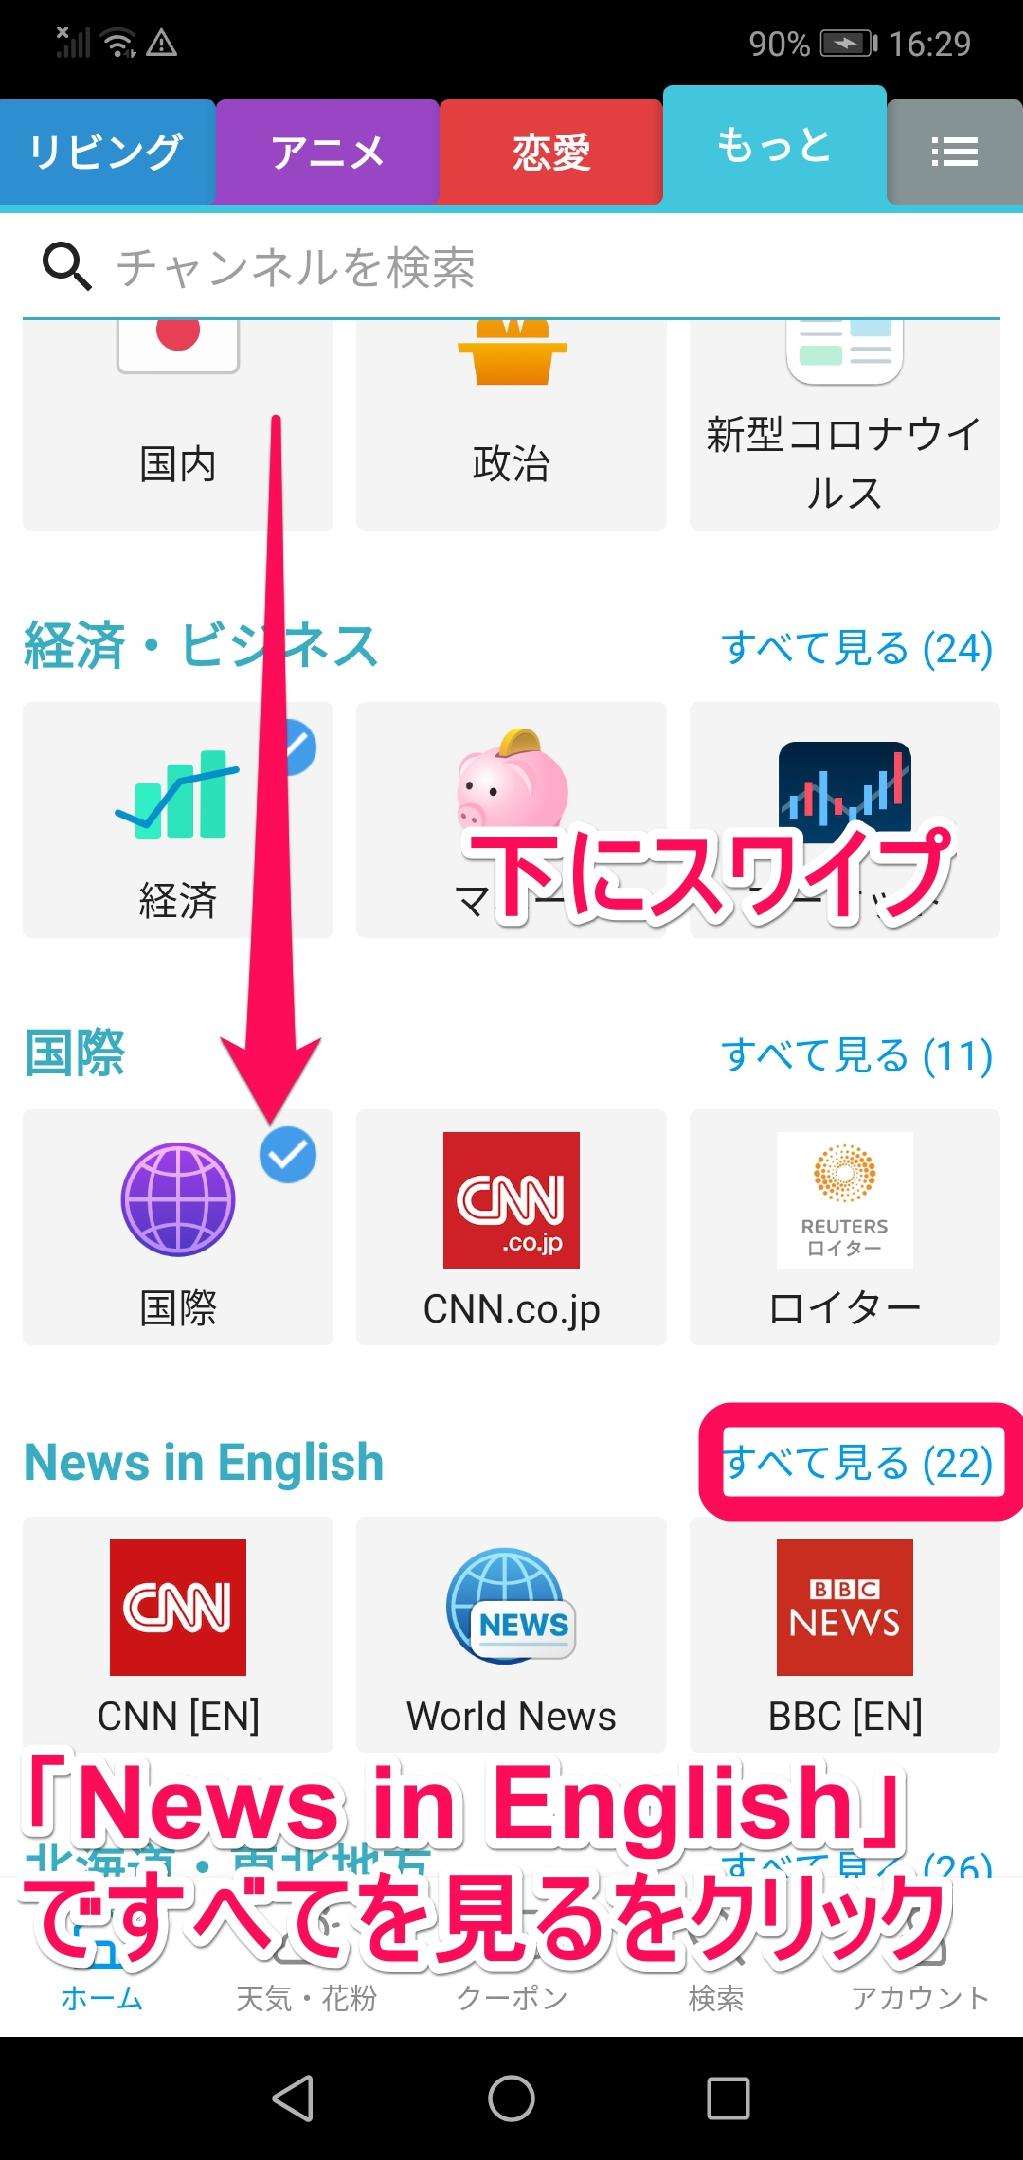 下にスワイプしてカテゴリーの中の「News in English」を選択